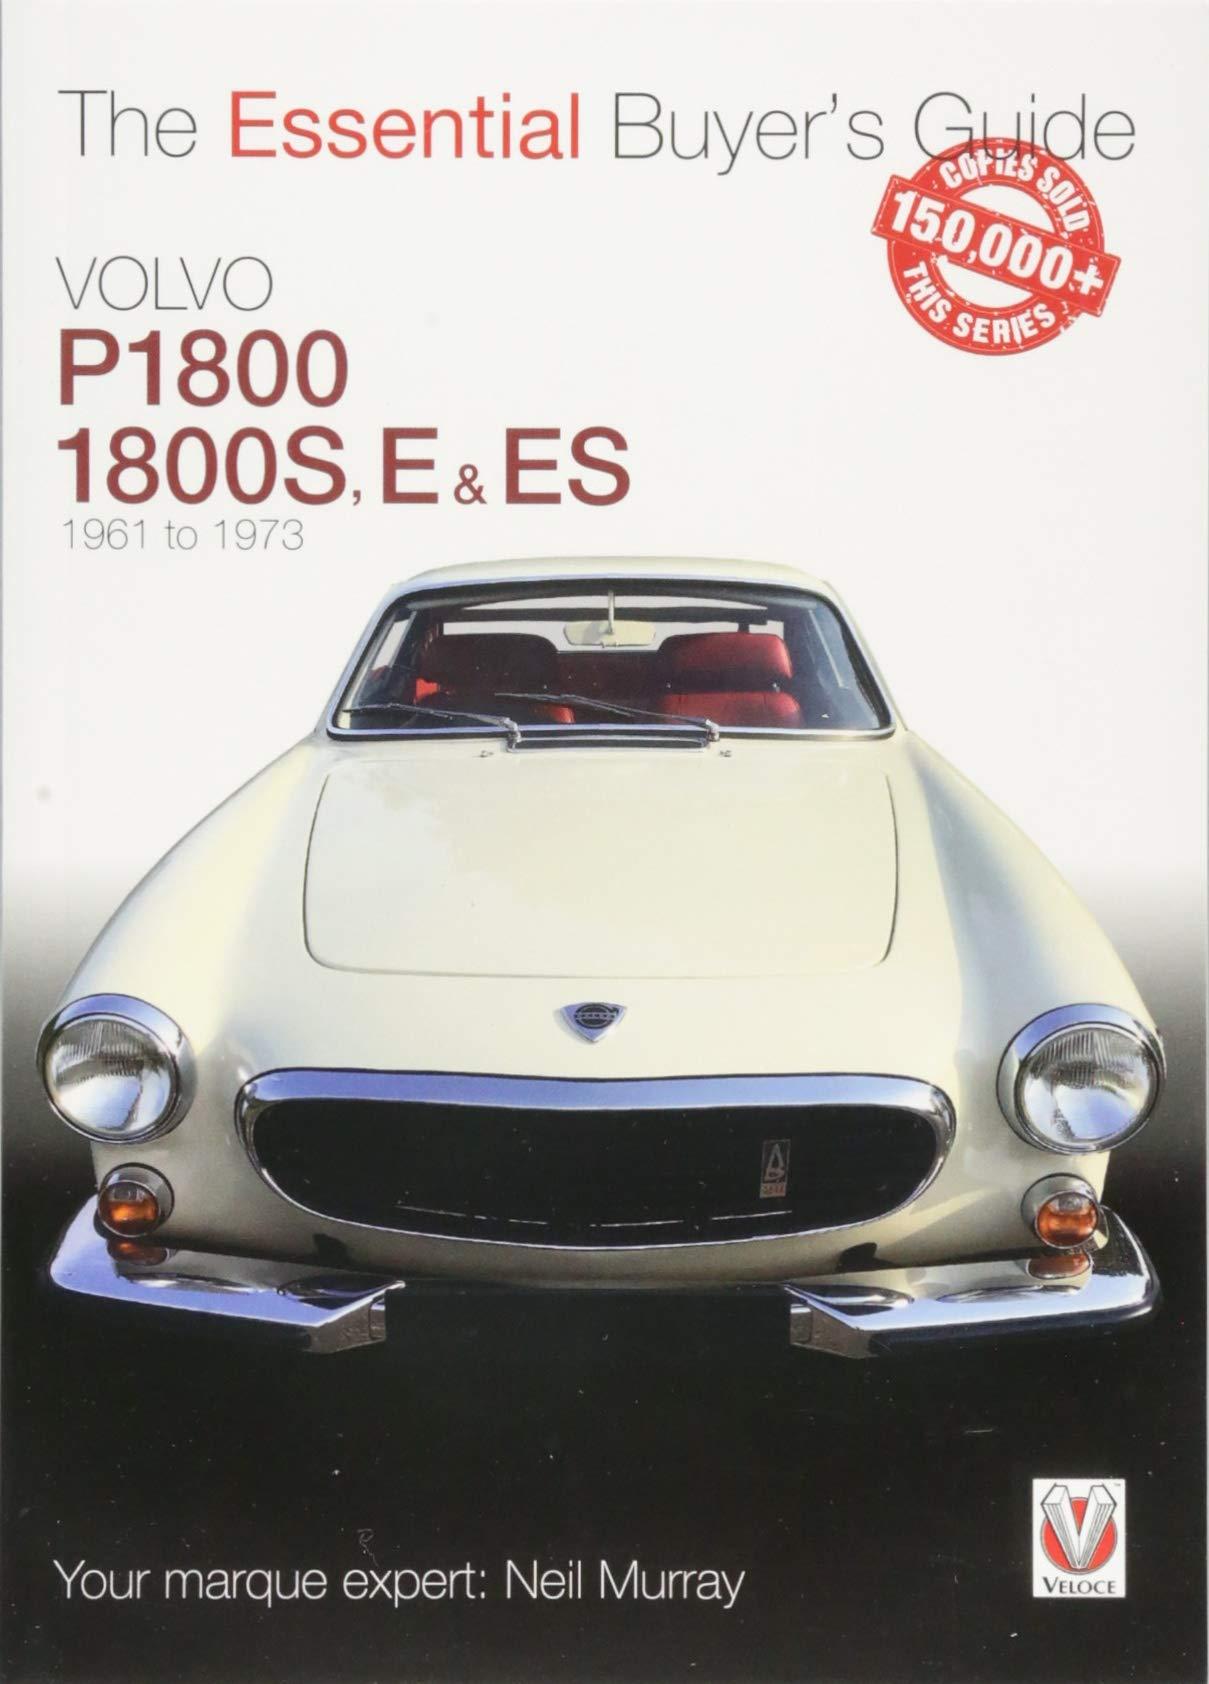 P1800 VOLVO 1800ES BUYERS GUIDE 1800E BOOK ESSENTIAL BUYER/'S MURRAY 1800 E ES